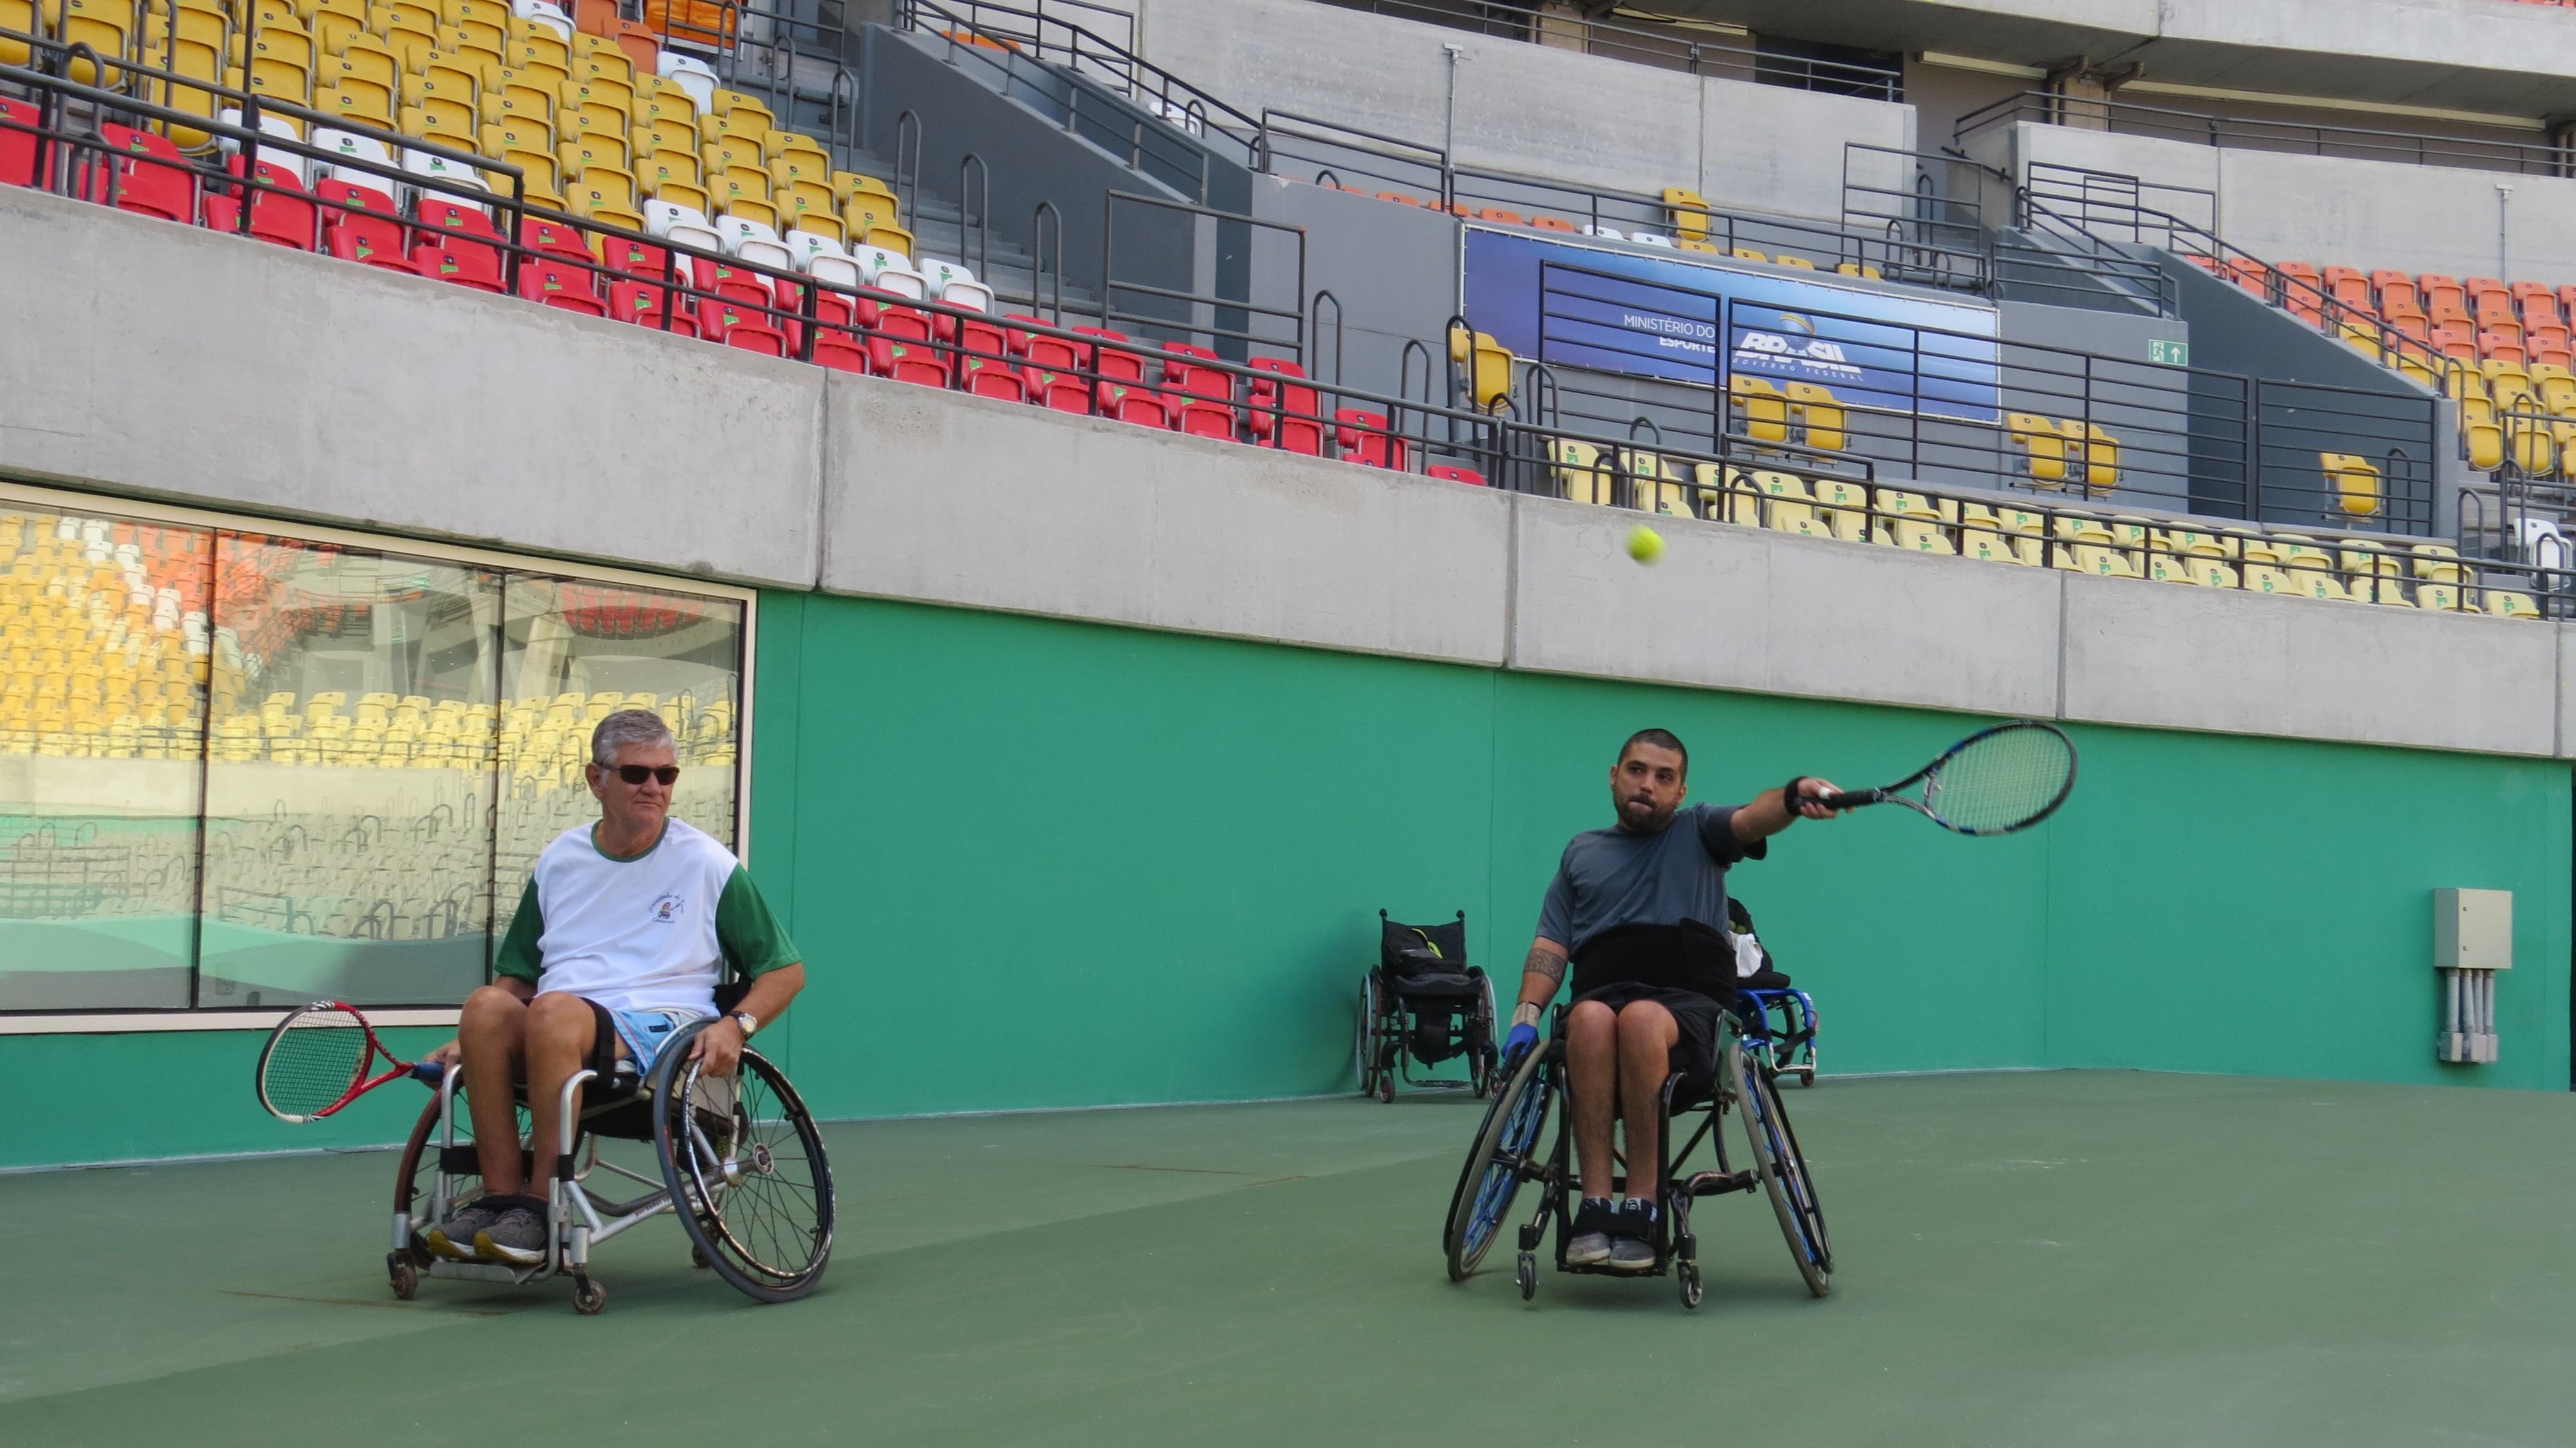 Observado por Paulo Emílio, Vinicius Pontes devolve a bola na quadra central do Parque Olímpico